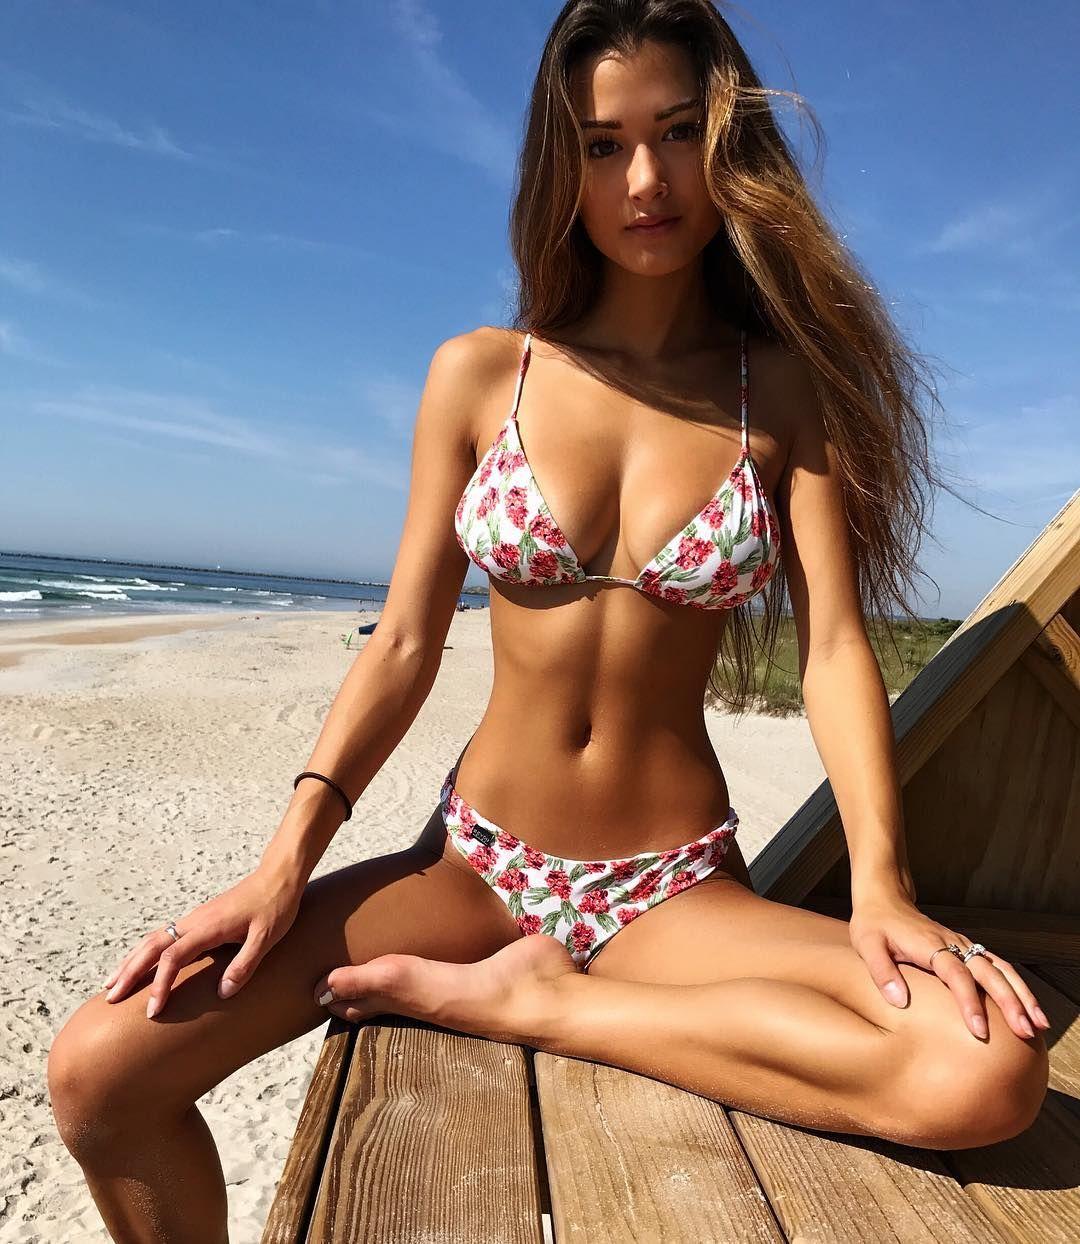 Худенькая девушка на пляже, зять трахнул свою красивую тещу лучшее порно